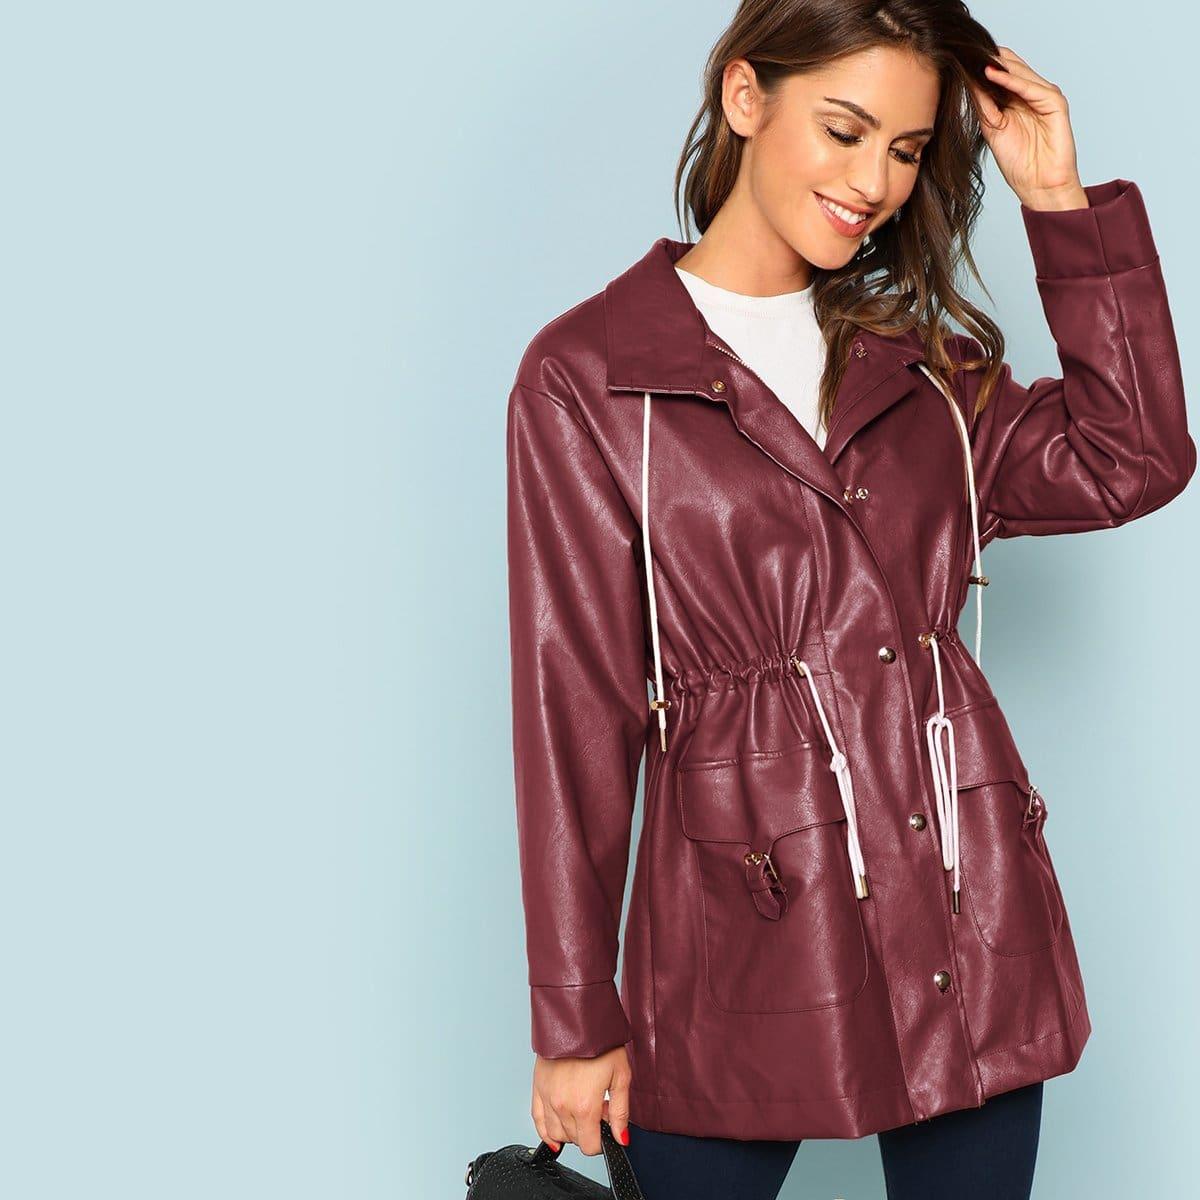 Mantel mit Kordelzug und Tasche